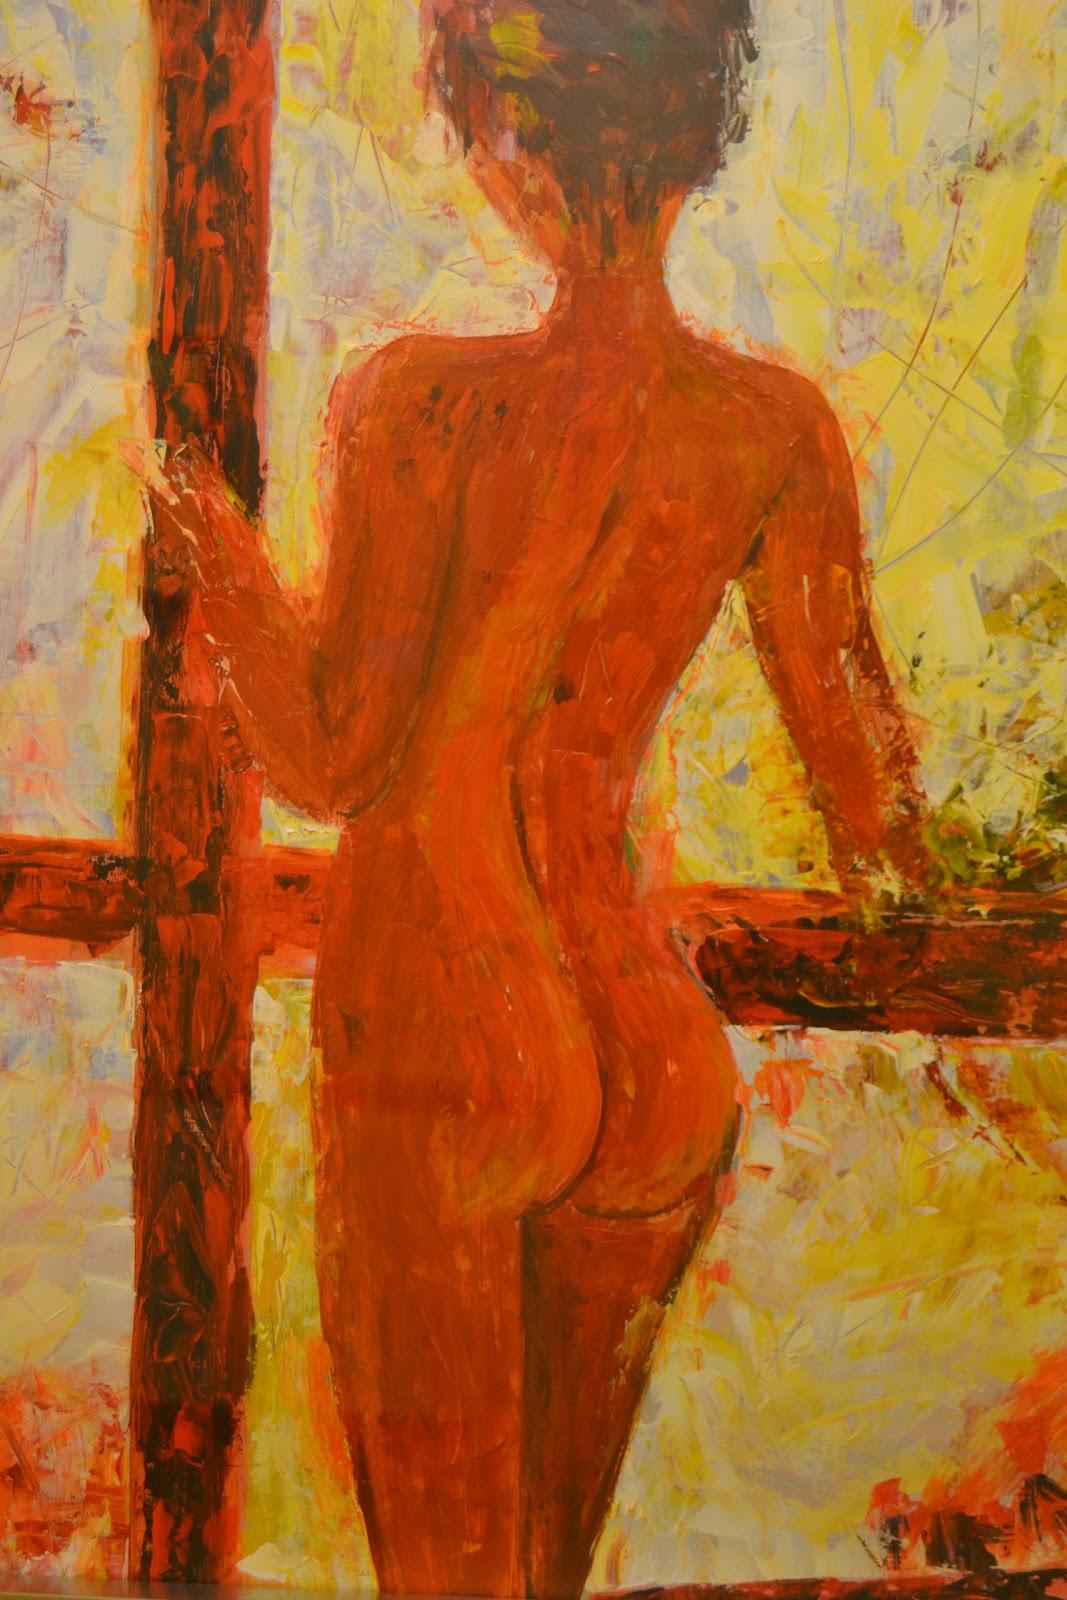 Quehacerenlasierra exposici n de pintura de sebasti n - Busco trabajo de pintor en madrid ...